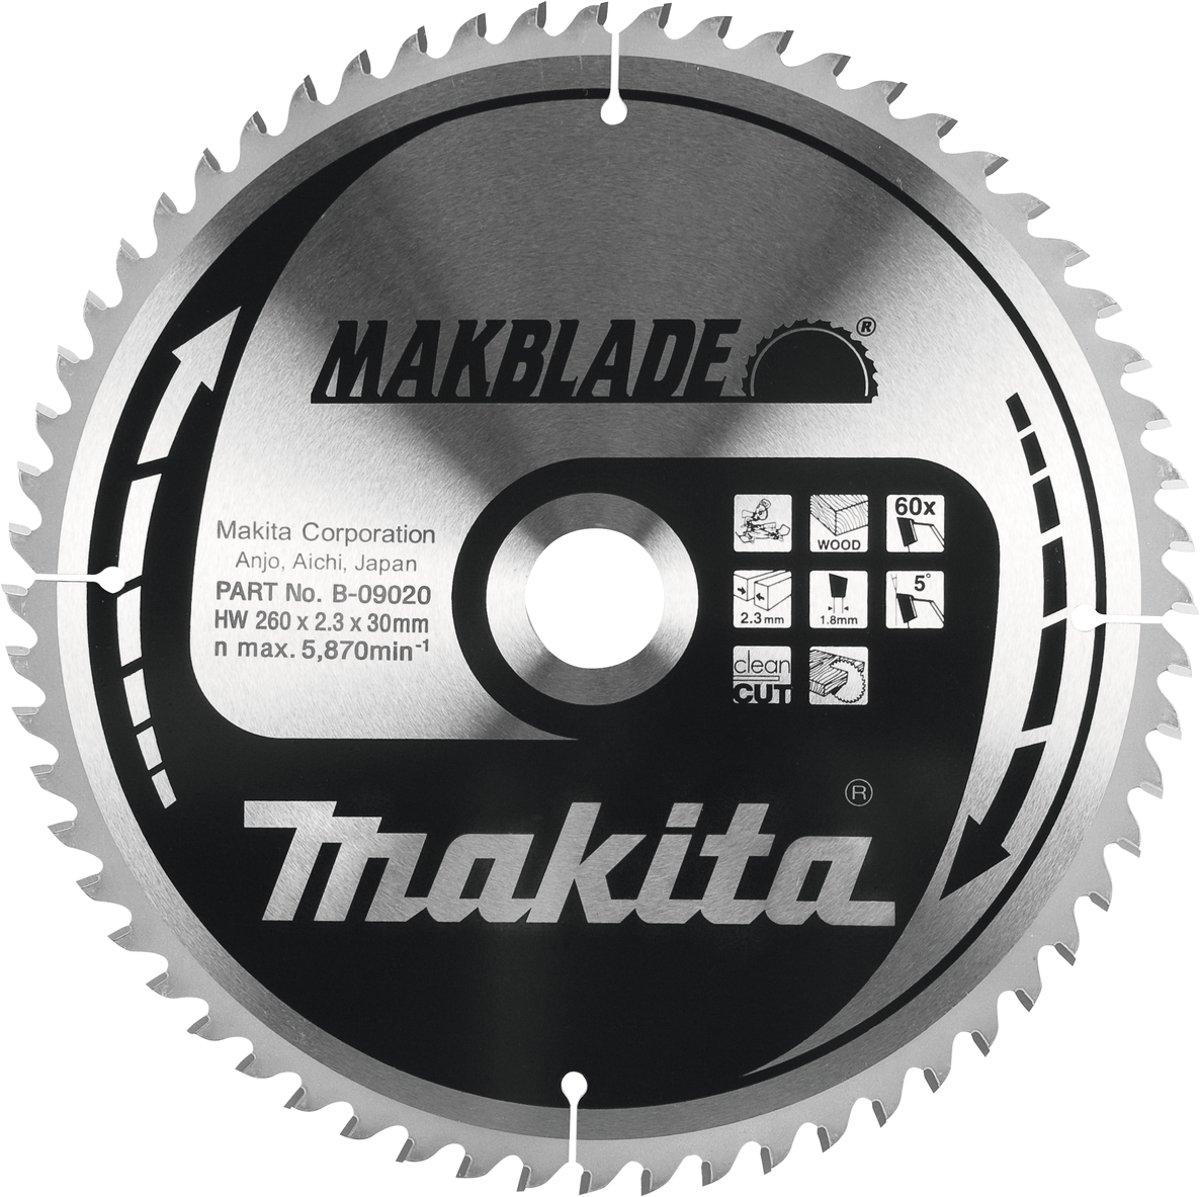 Makita B-09086 Zaagb hout 305x30x2,3 80T 5g